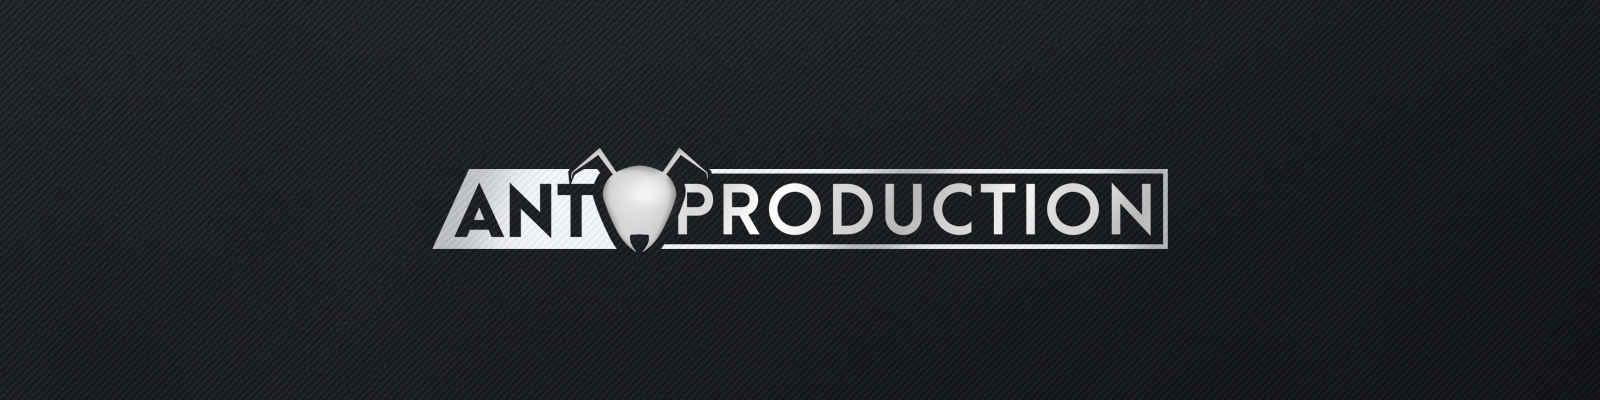 Ant Production banner fotograf